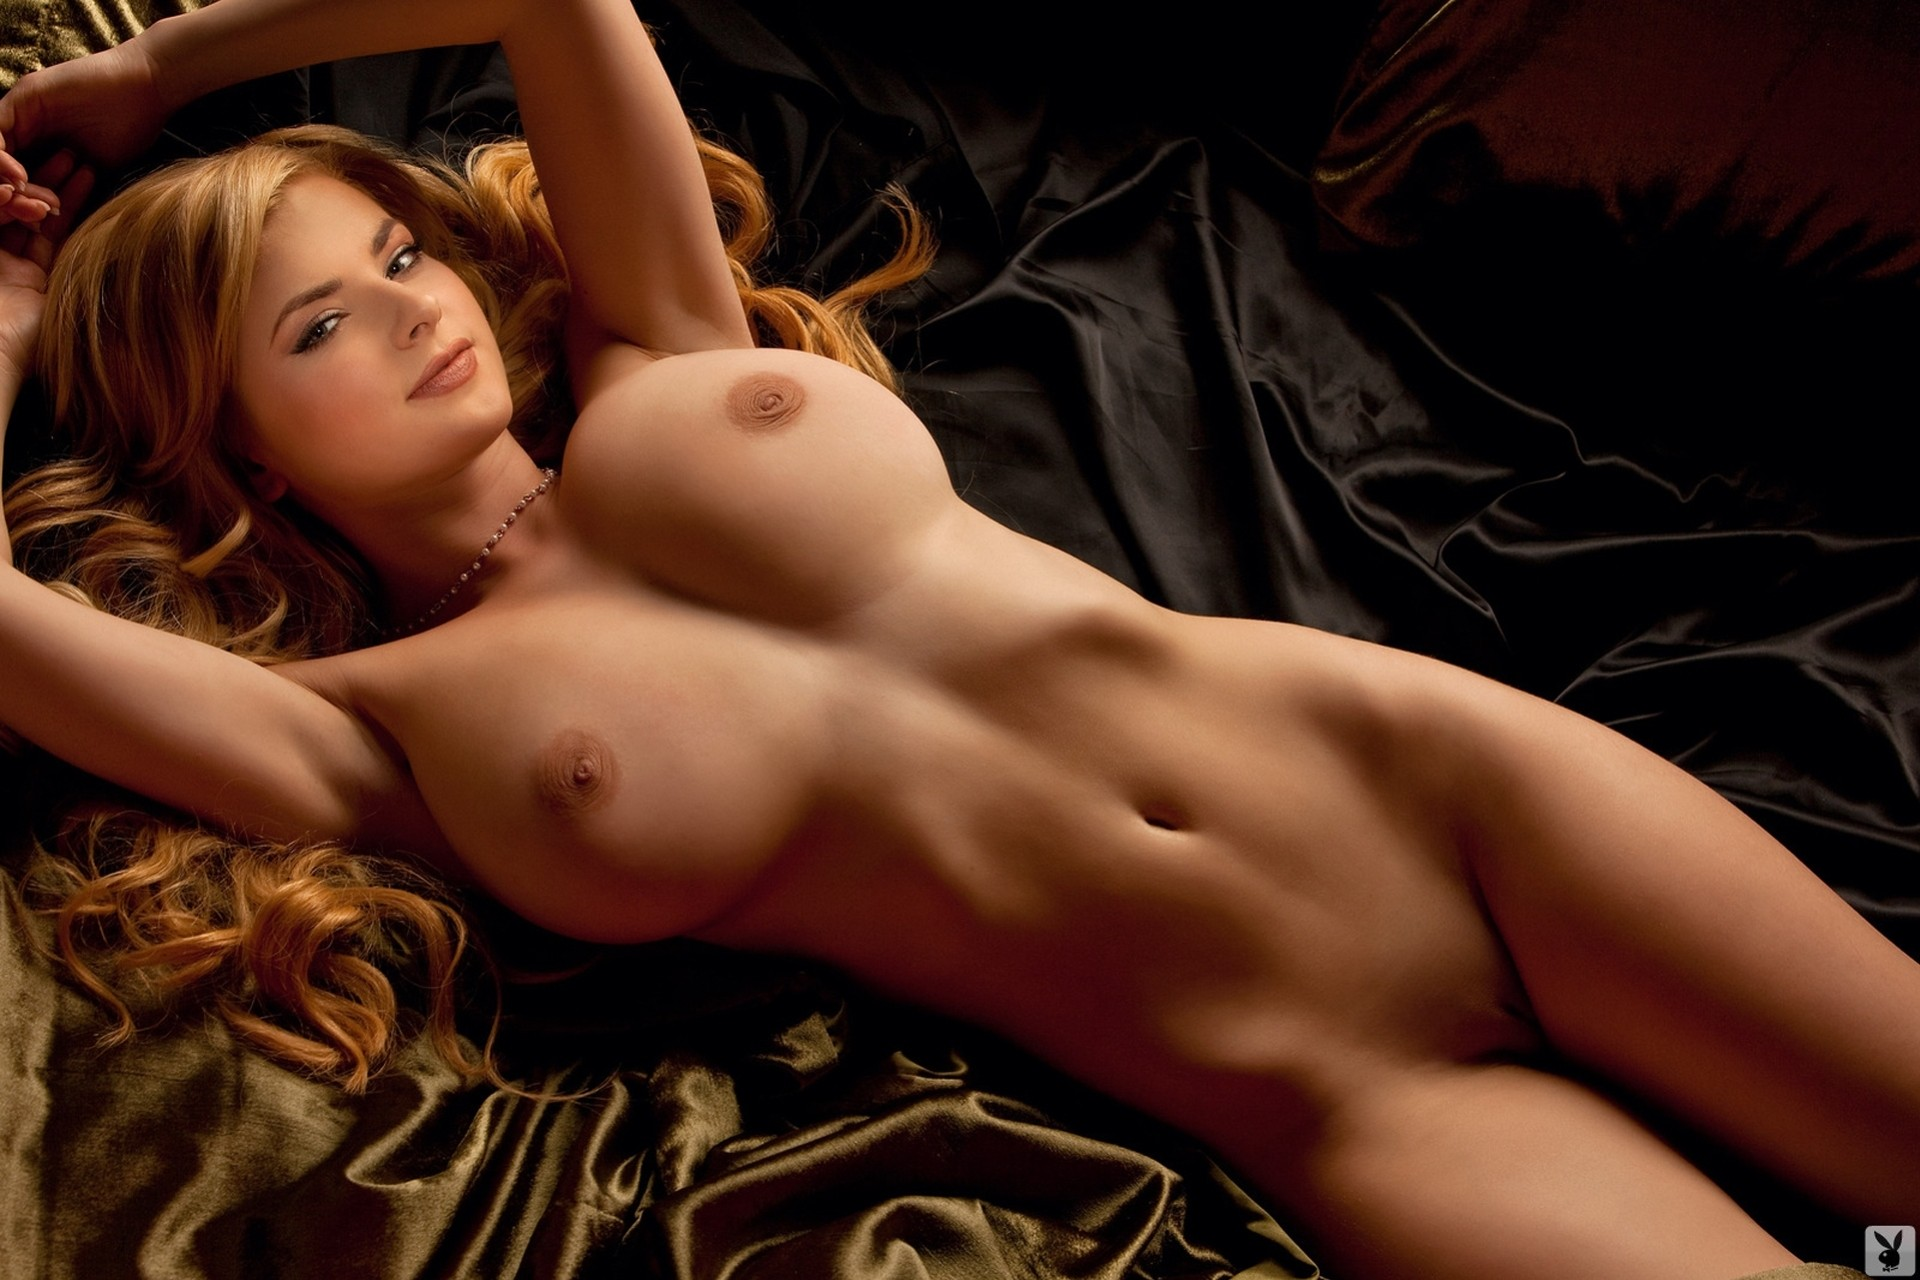 красивые голые девчонки видео эротика - 11